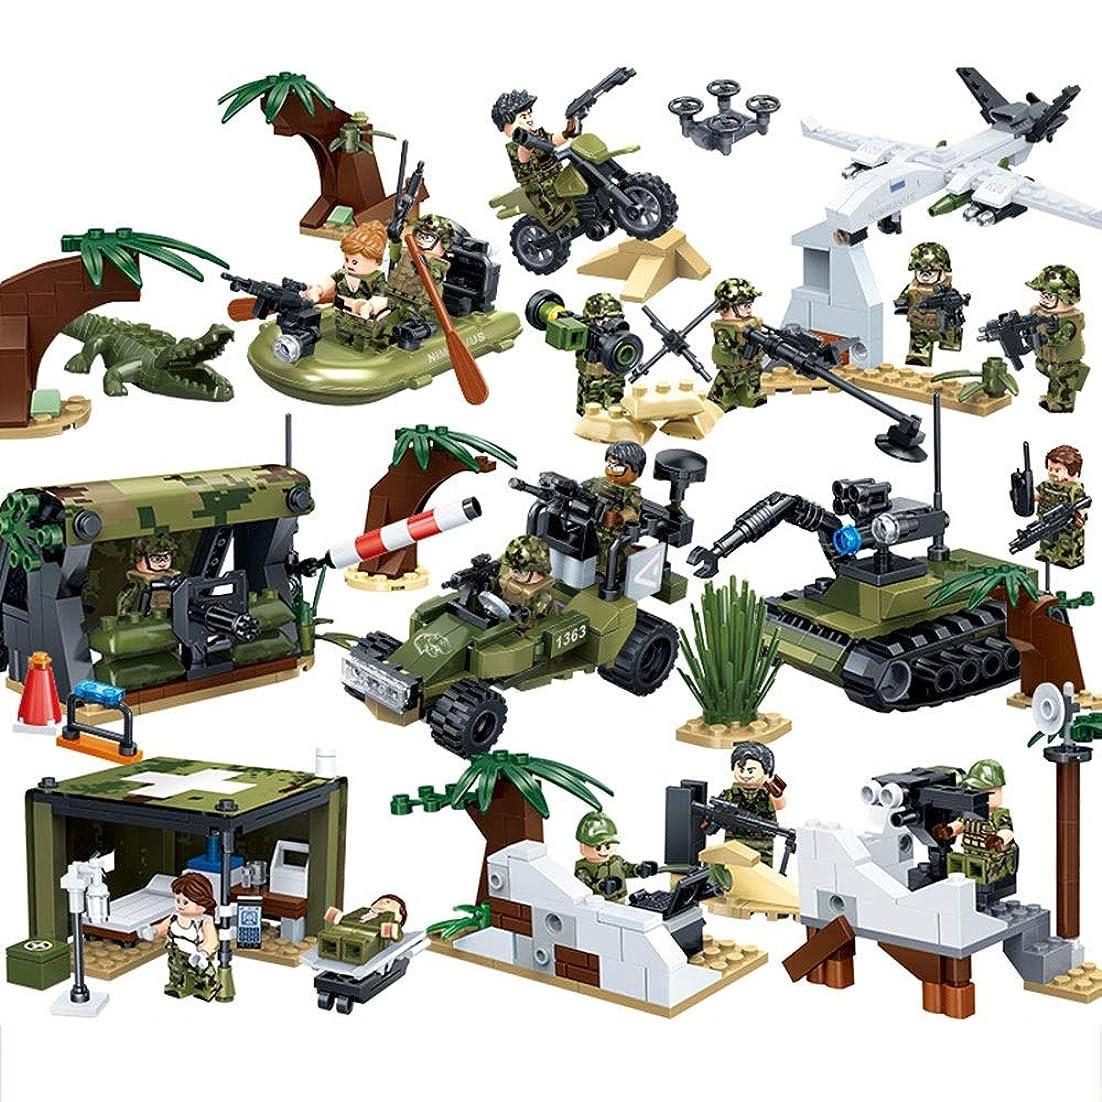 信者葉巻モディッシュROIIY ビルディング?ブロックの組み立て、子供の教育おもちゃ、タイガー狩猟アクション軍隊図、建物の玩具セット、ABS素材、男の子と女の子のための795pcsベスト新年のホリデーギフト